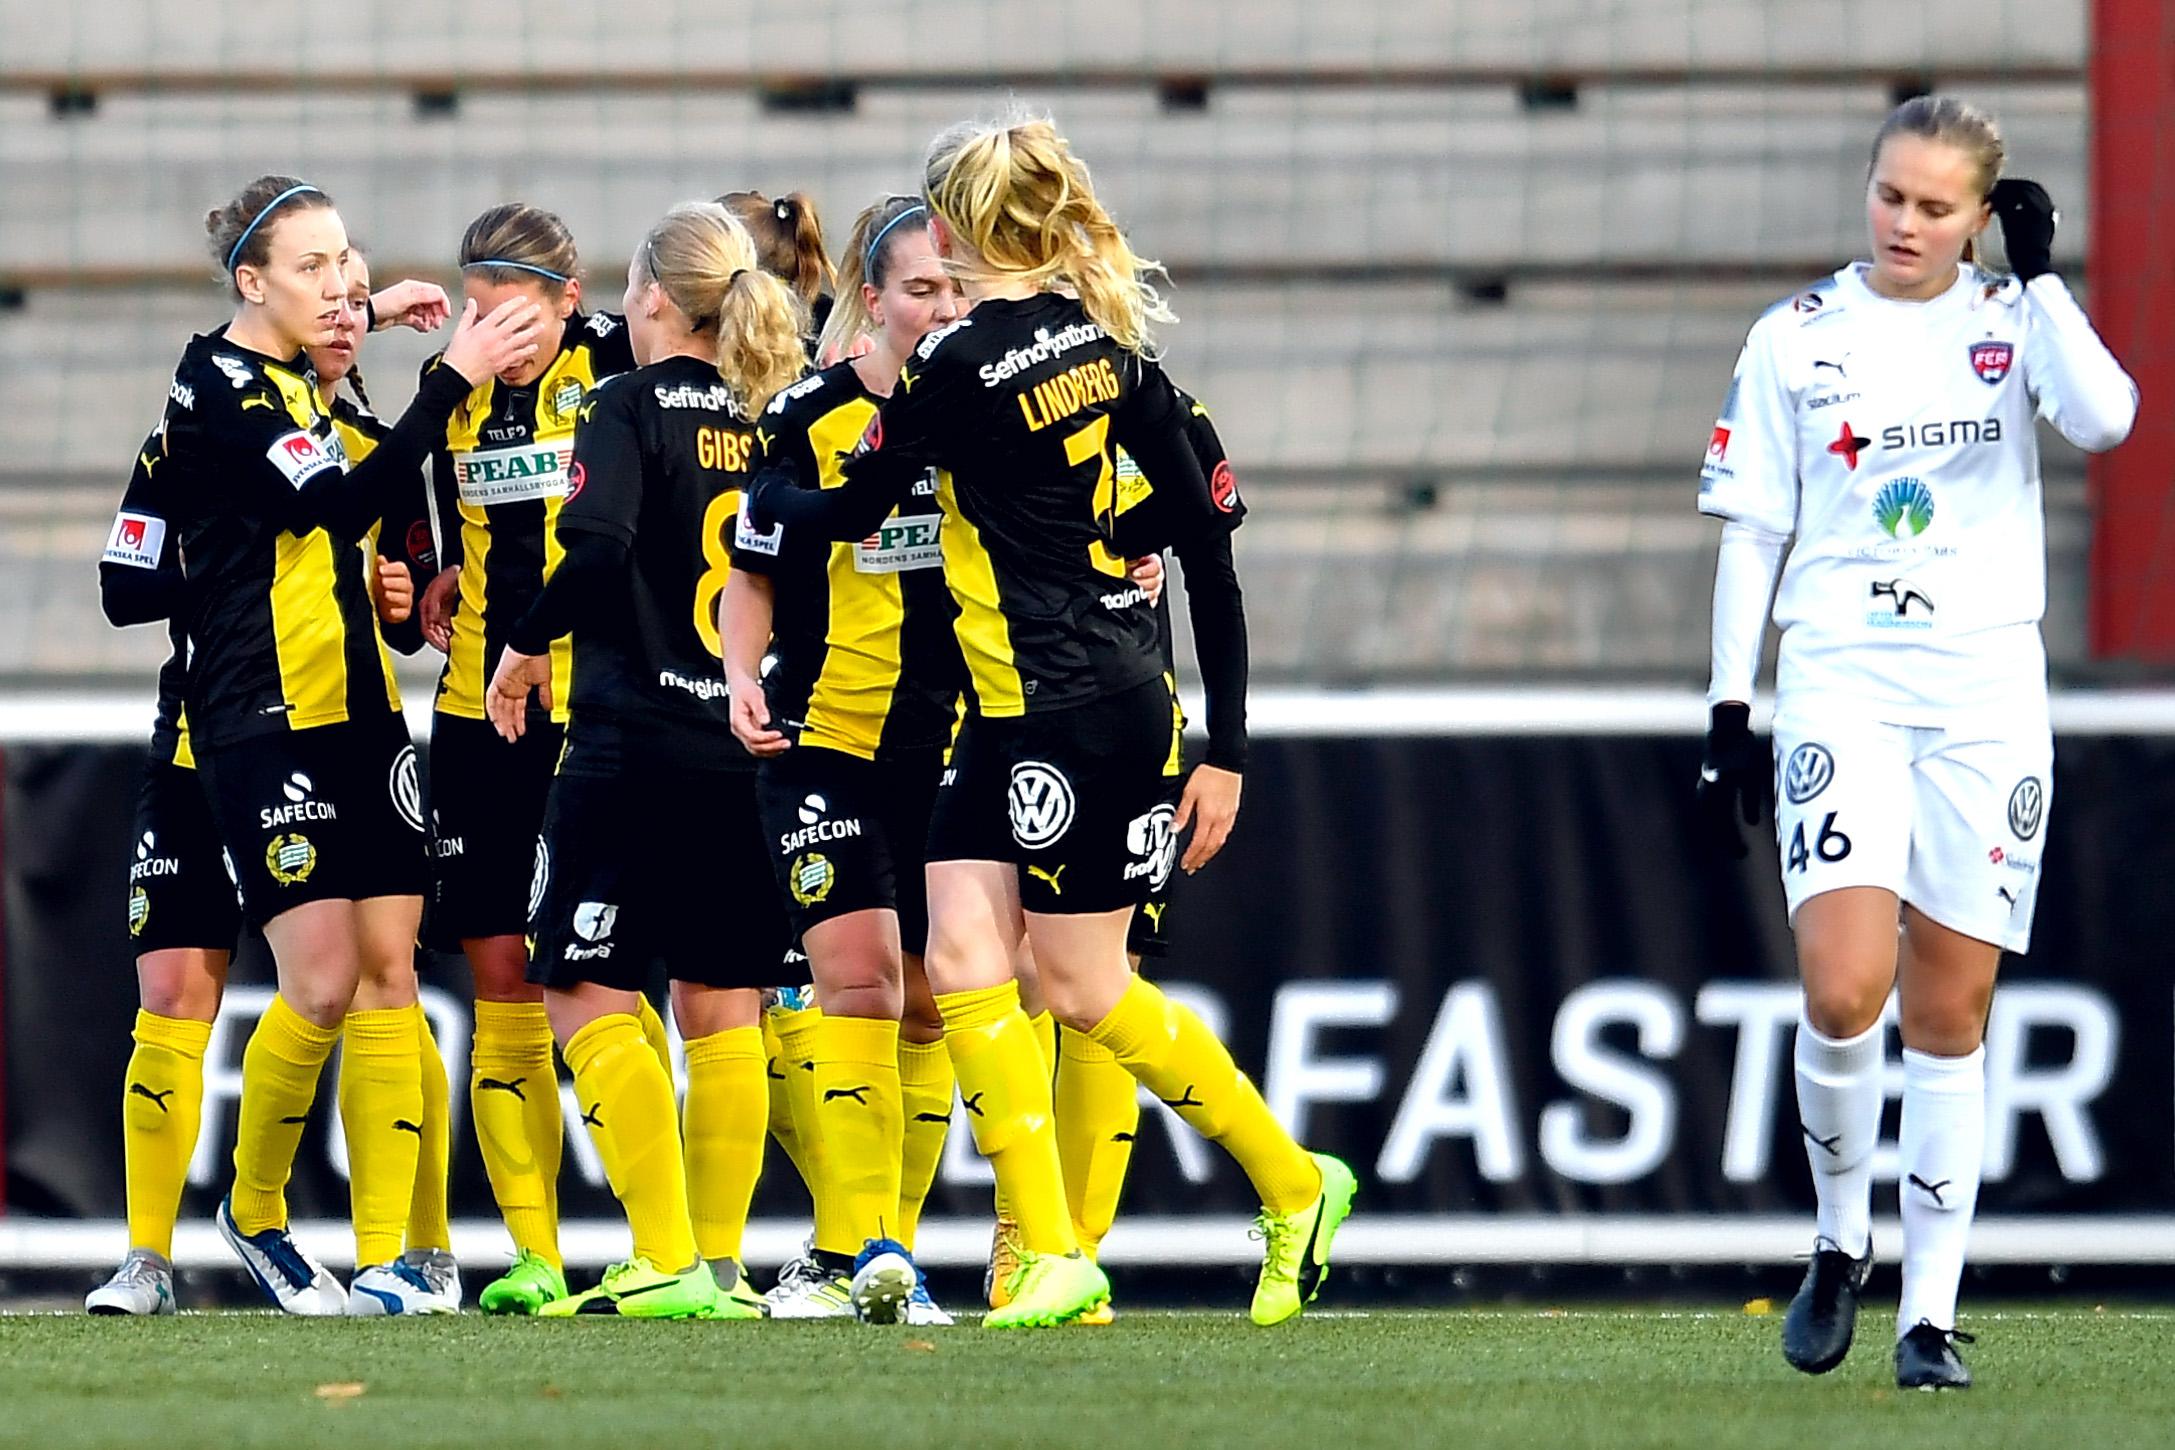 11 november, Rosengård-HIF 0-1 Visst, topplaget vilade ett antal stjärnor då man var mitt uppe i ett Champions League-dubbelmöte med Chelsea. Och visst, serien var avgjord, såväl upptill som nedtill. Men ändå var det såklart tydlig bragdstämpel på Hammarbys insats i slutomgången. Sund slog till åtta minuter in, när Sjöberg snappat upp ett försvarsmisstag – rospiggens första mål i serien. Bajen hotade med omställningar samtidigt som man agerade oerhört disciplinerat bakåt, en insats som åsamkade FCR första hemmaförlusten för säsongen. Och inte nog med att detta blev första bortasegern sedan återkomsten till Damallsvenskan – HIF, som ju länge låg pyrt till, klev dessutom upp på en sjundeplats. Allt som allt en fantastisk höst, som verkligen gav mersmak inför flytten tillbaka, till nya Hammarby IP. (Bildbyrån) Ekblom: Kändes tufft att ha Rosengård borta, inför sista matchen för säsongen. När vi åkte ur 2015 hade vi Piteå hemma, och lyckades få med oss ett kryss, vilket ju inte räckte. Skönt att vi då den här gången lyckades nolla Rosengård igen. En riktigt bra match av oss, precis som hemmasegern.